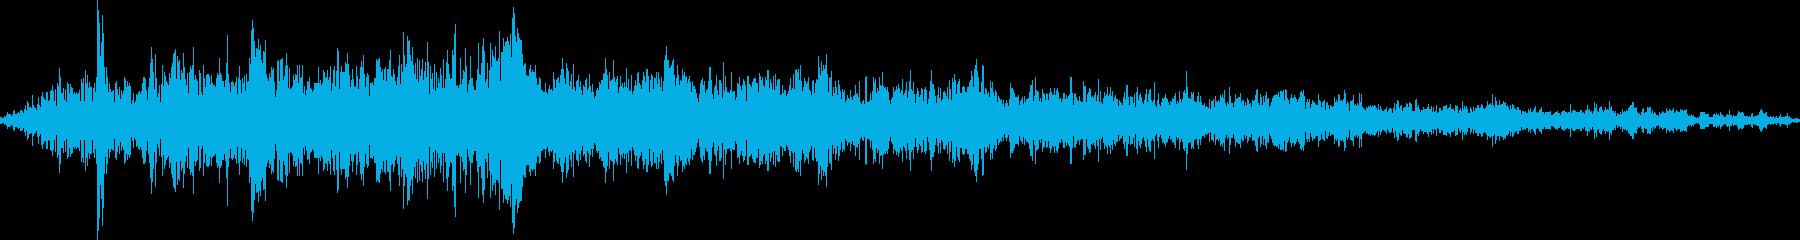 パワーダウンクラッシュの再生済みの波形